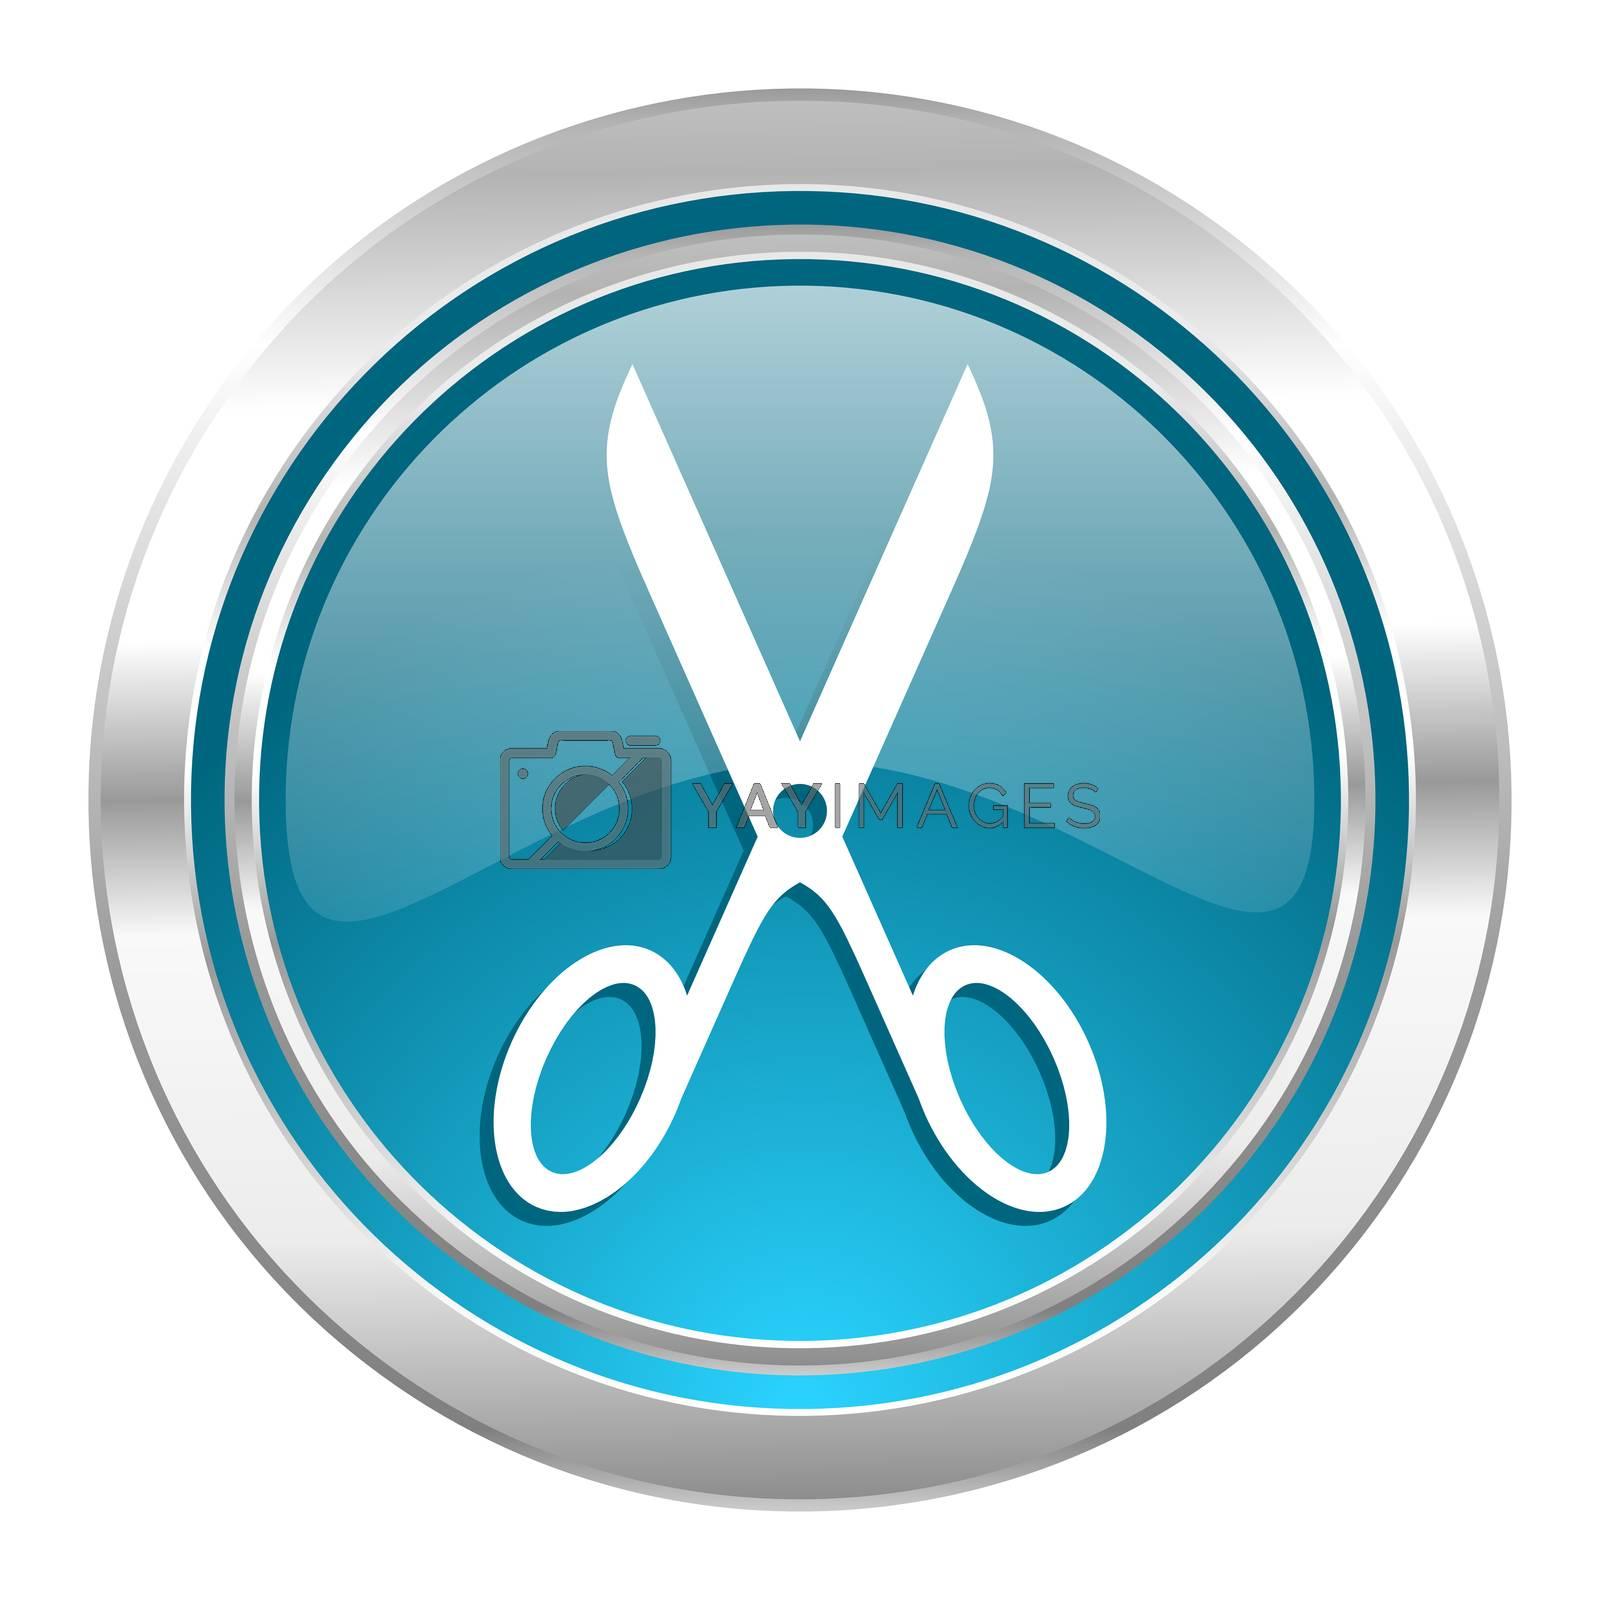 scissors icon, cut sign